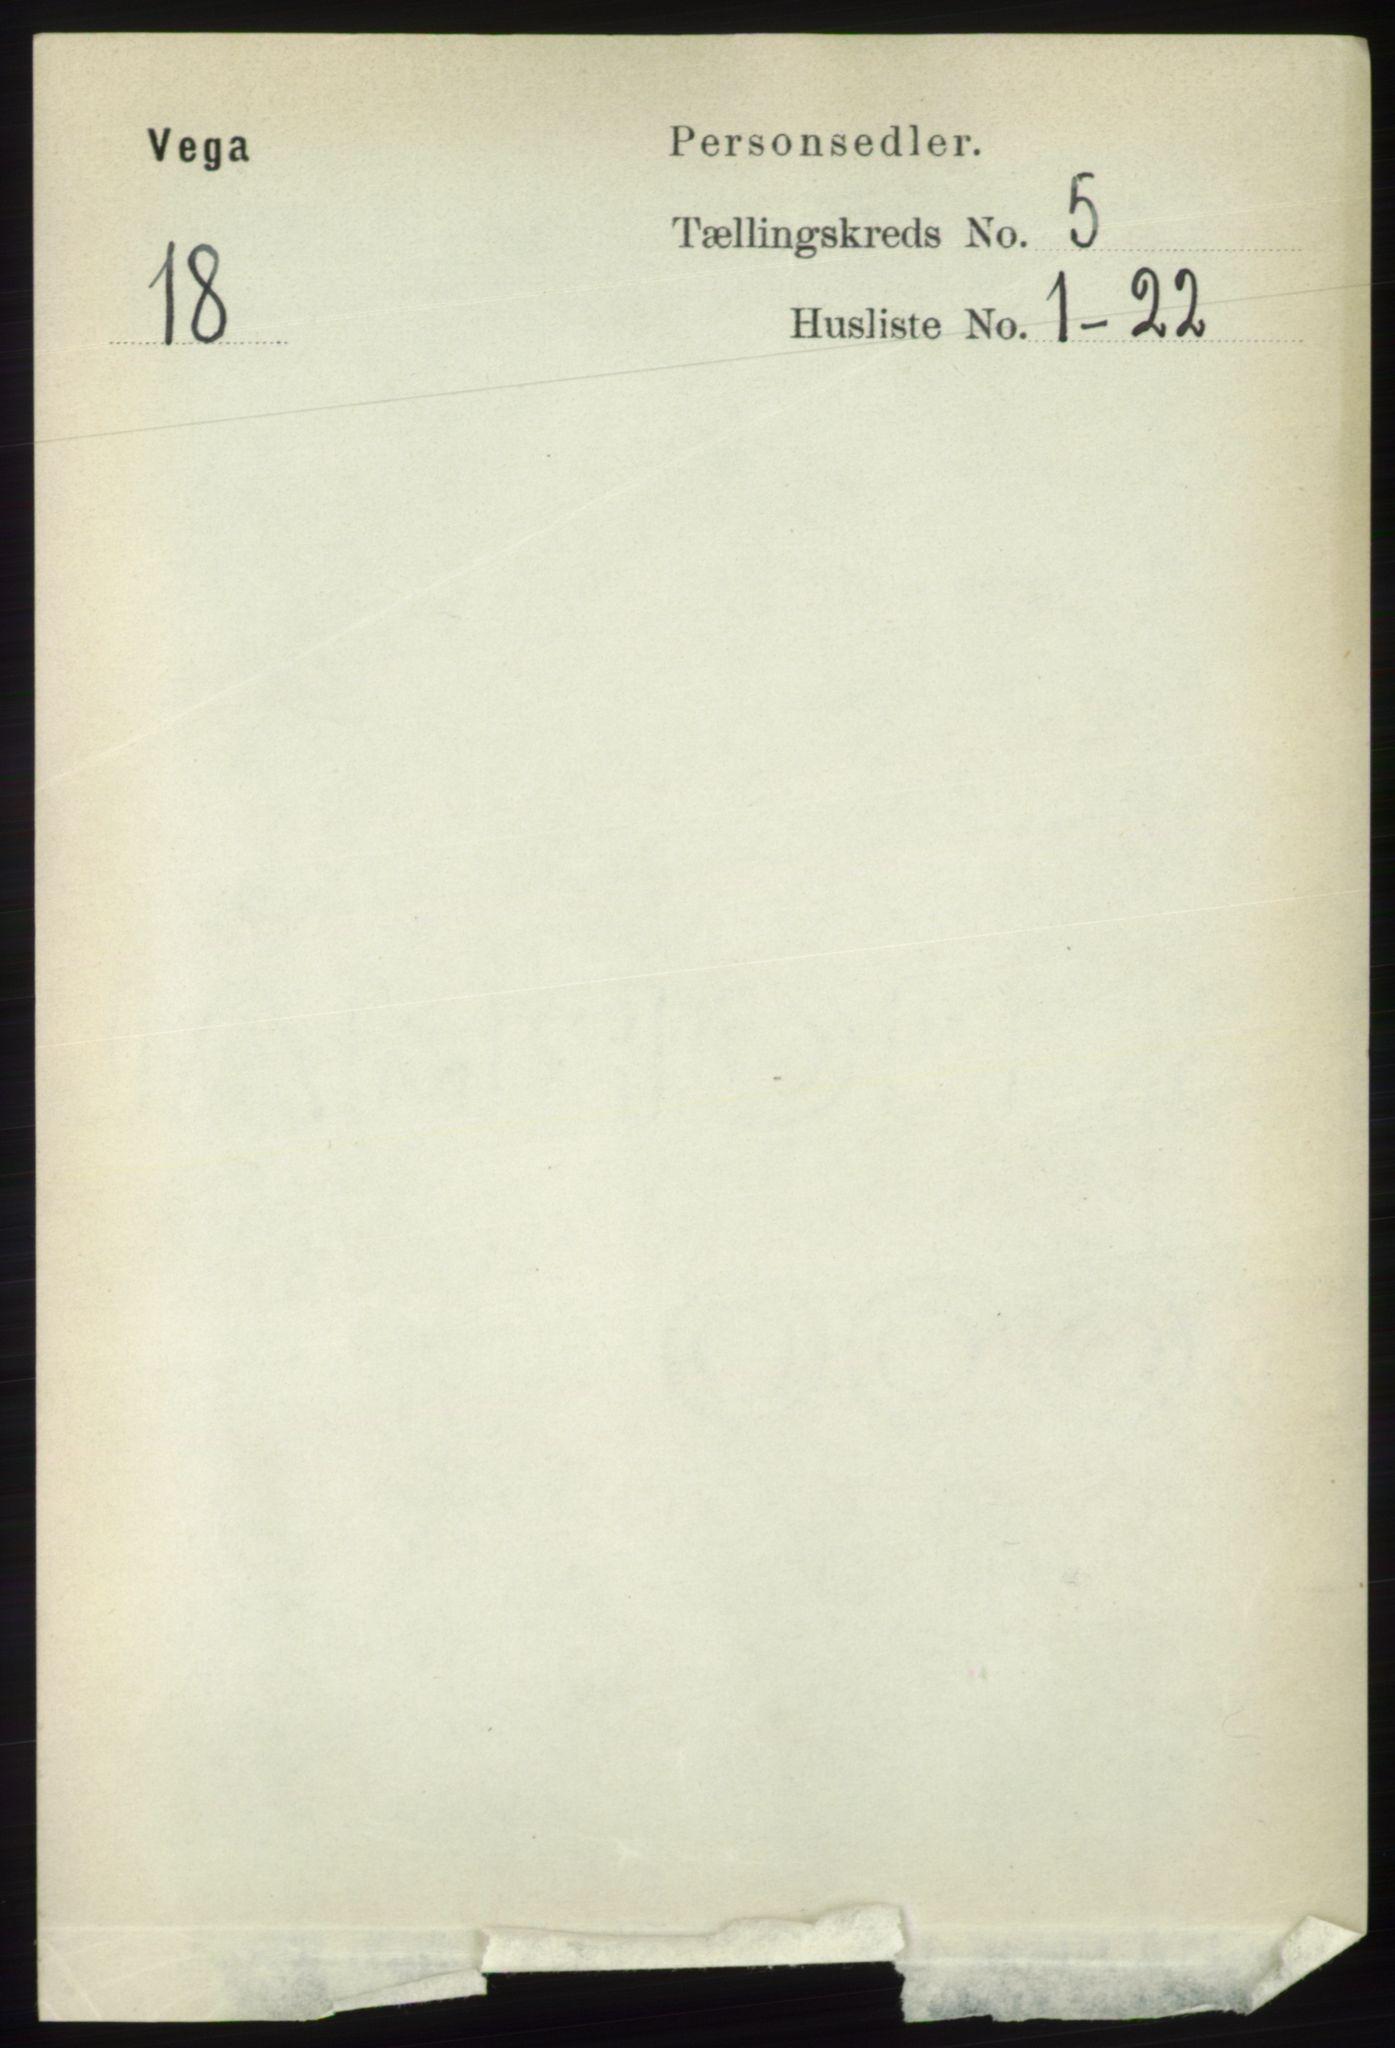 RA, Folketelling 1891 for 1815 Vega herred, 1891, s. 2066